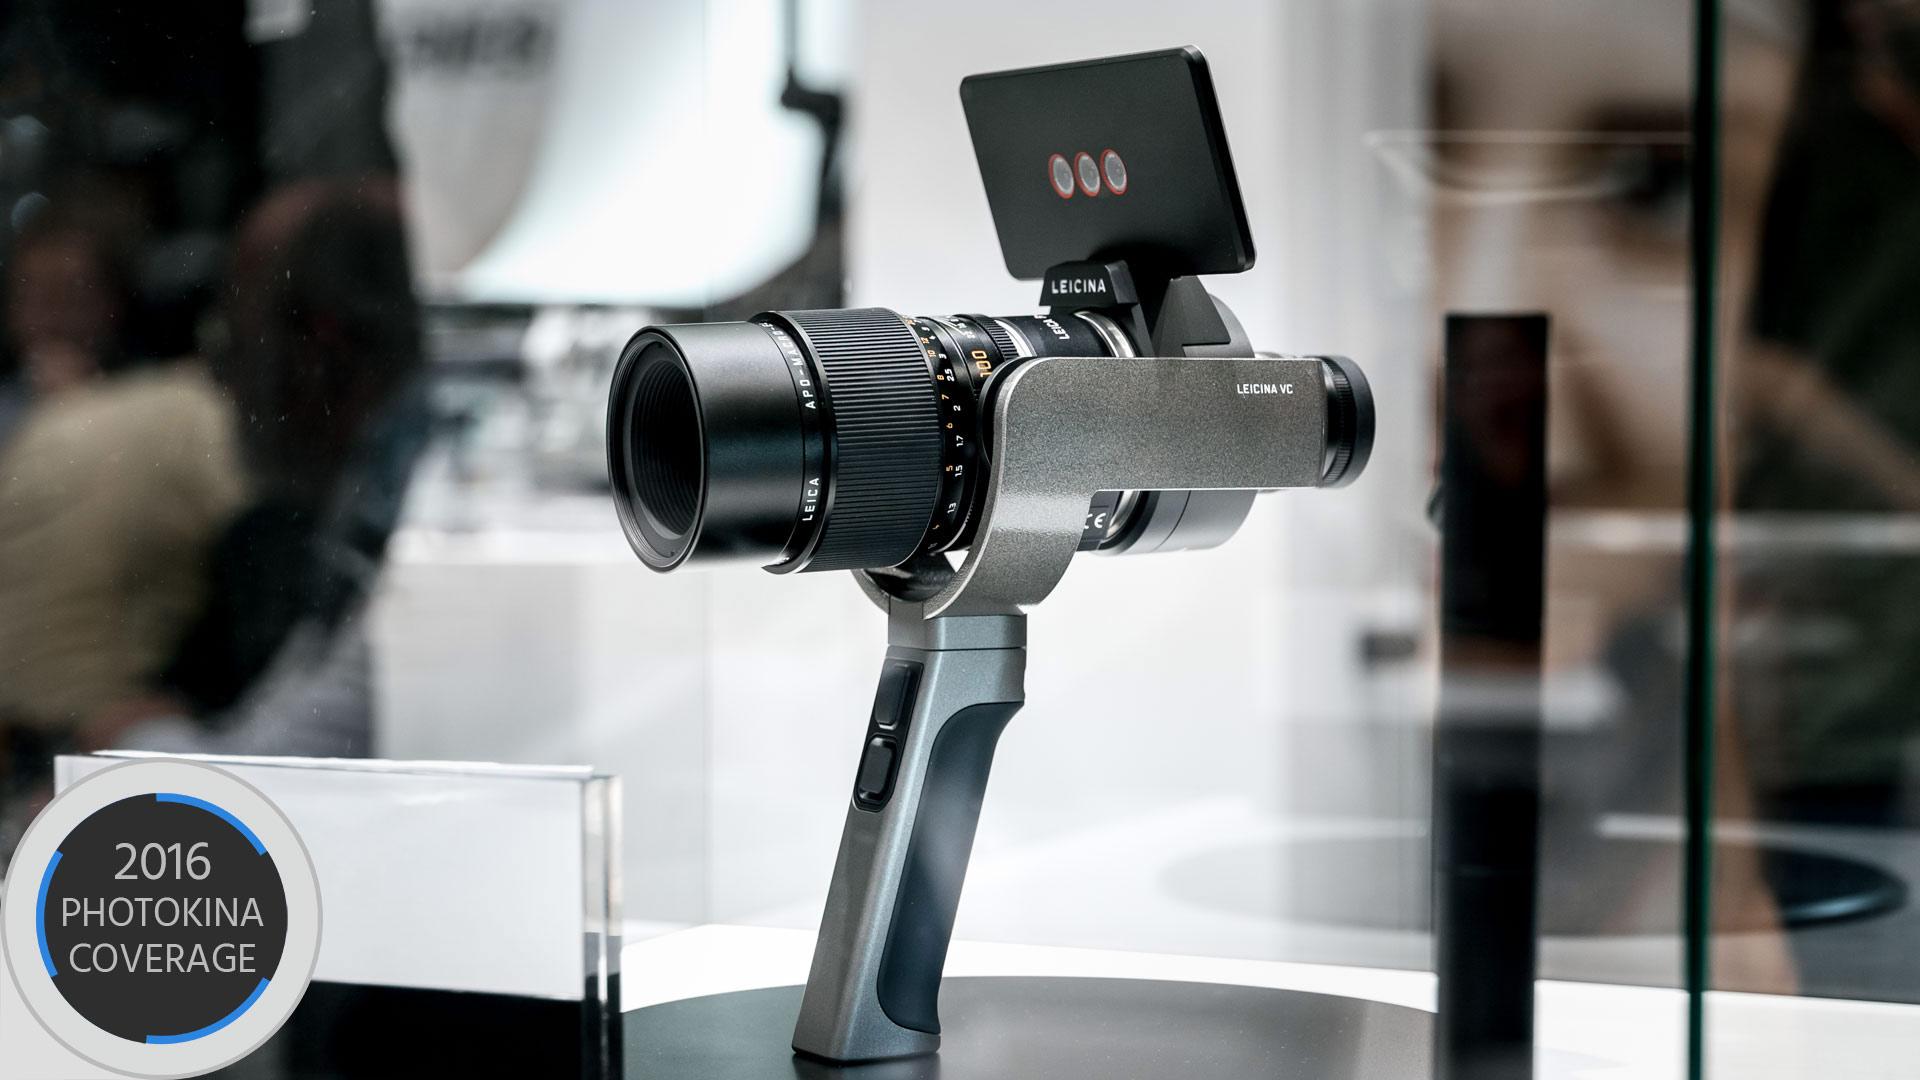 ライカシネマカメラが見せる未来 — コンセプト展示について聞く